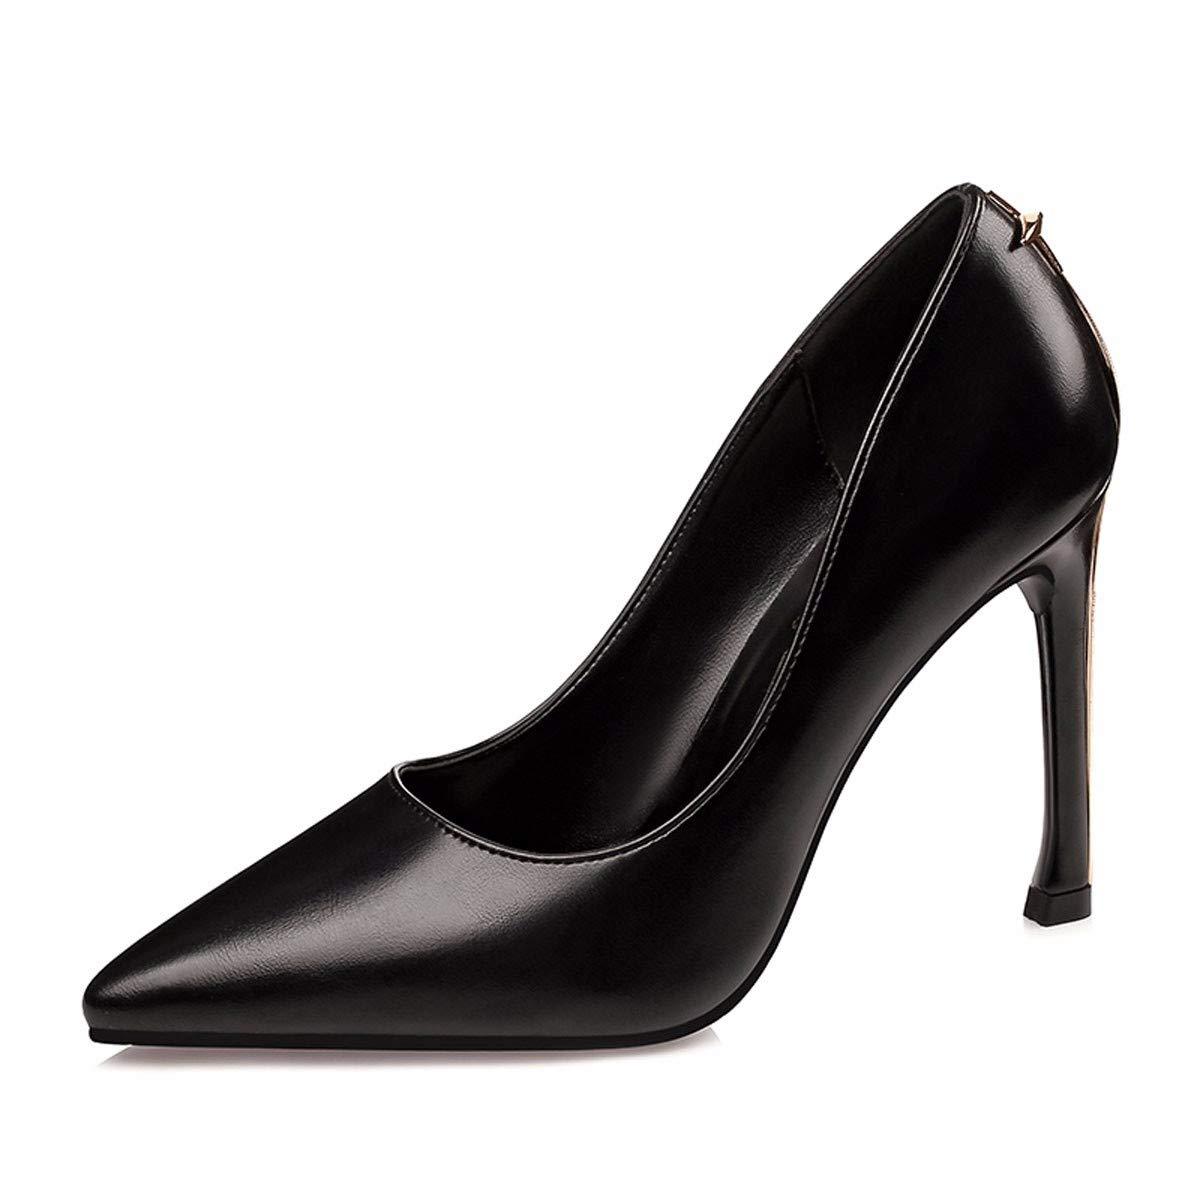 SFSYDDY-avec des Chaussures De Travail du Printemps Et De L'Été Les Talons Pointus Carrière 10 Cm.